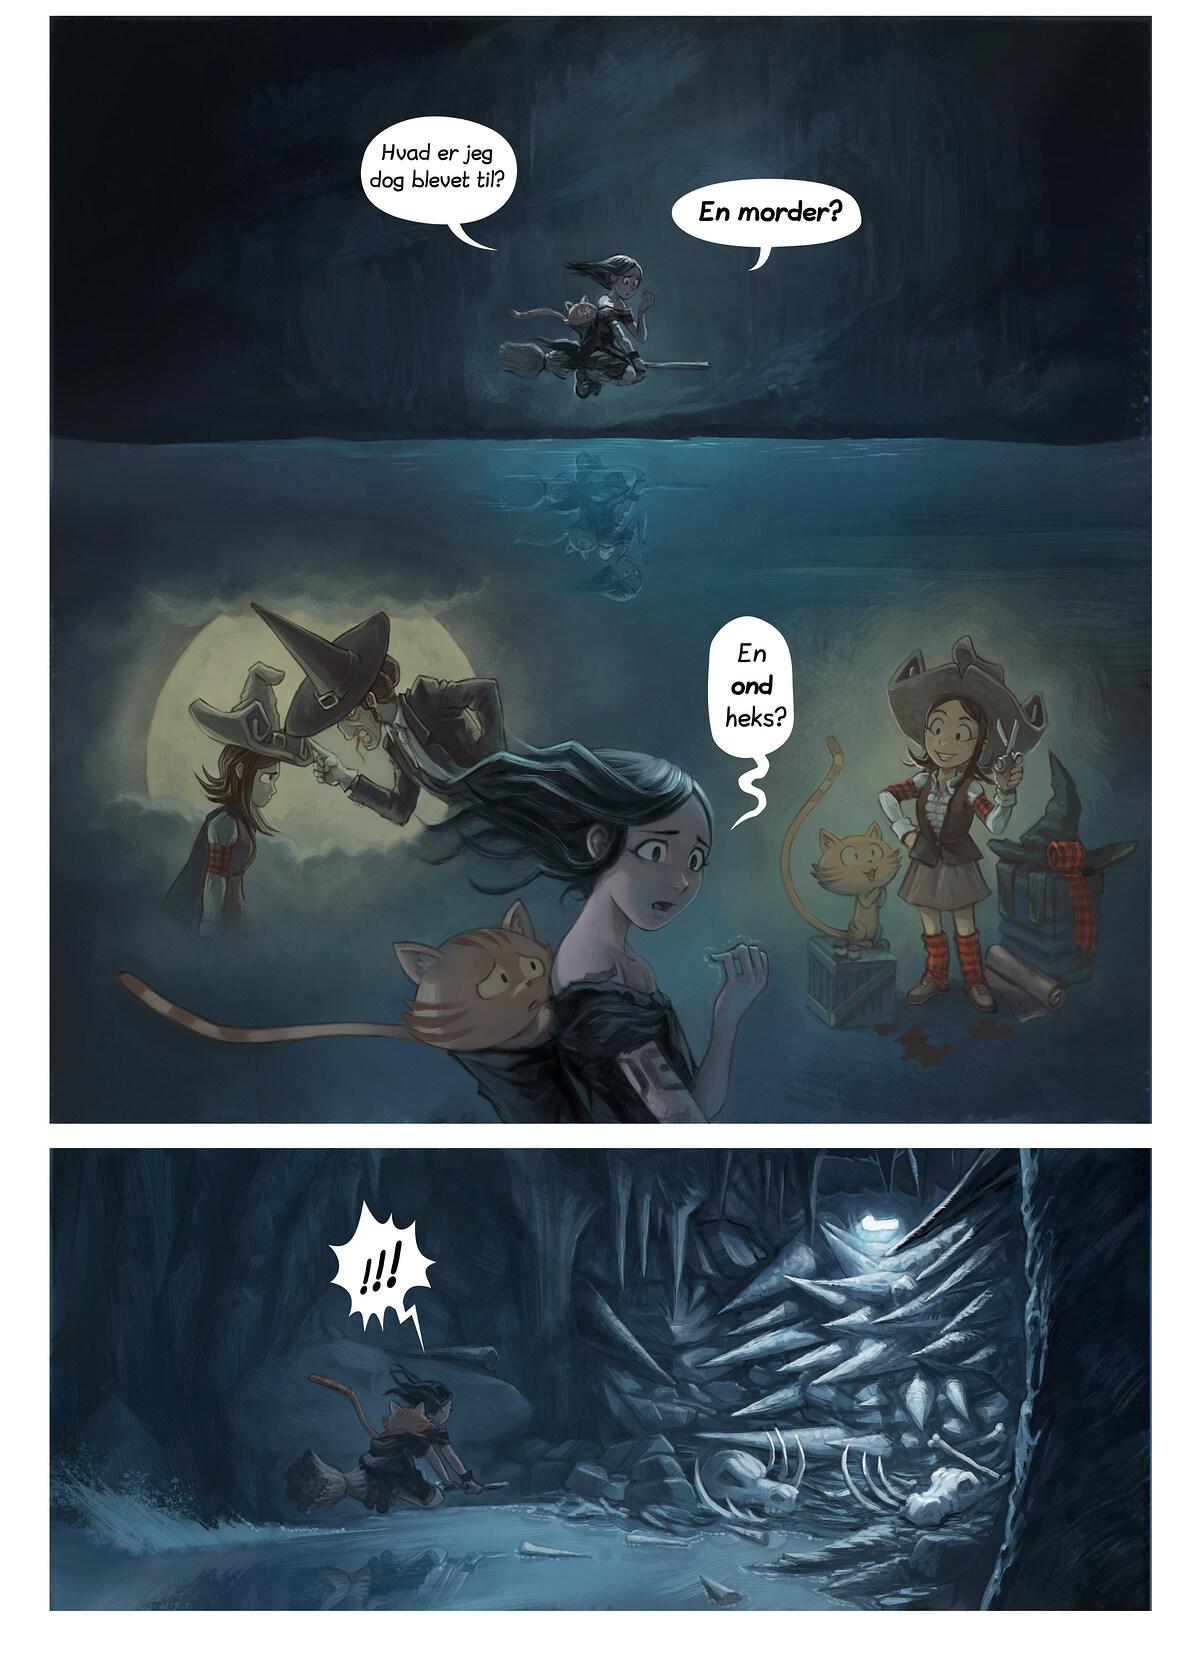 Episode 35: Spejlbilledet, Page 8